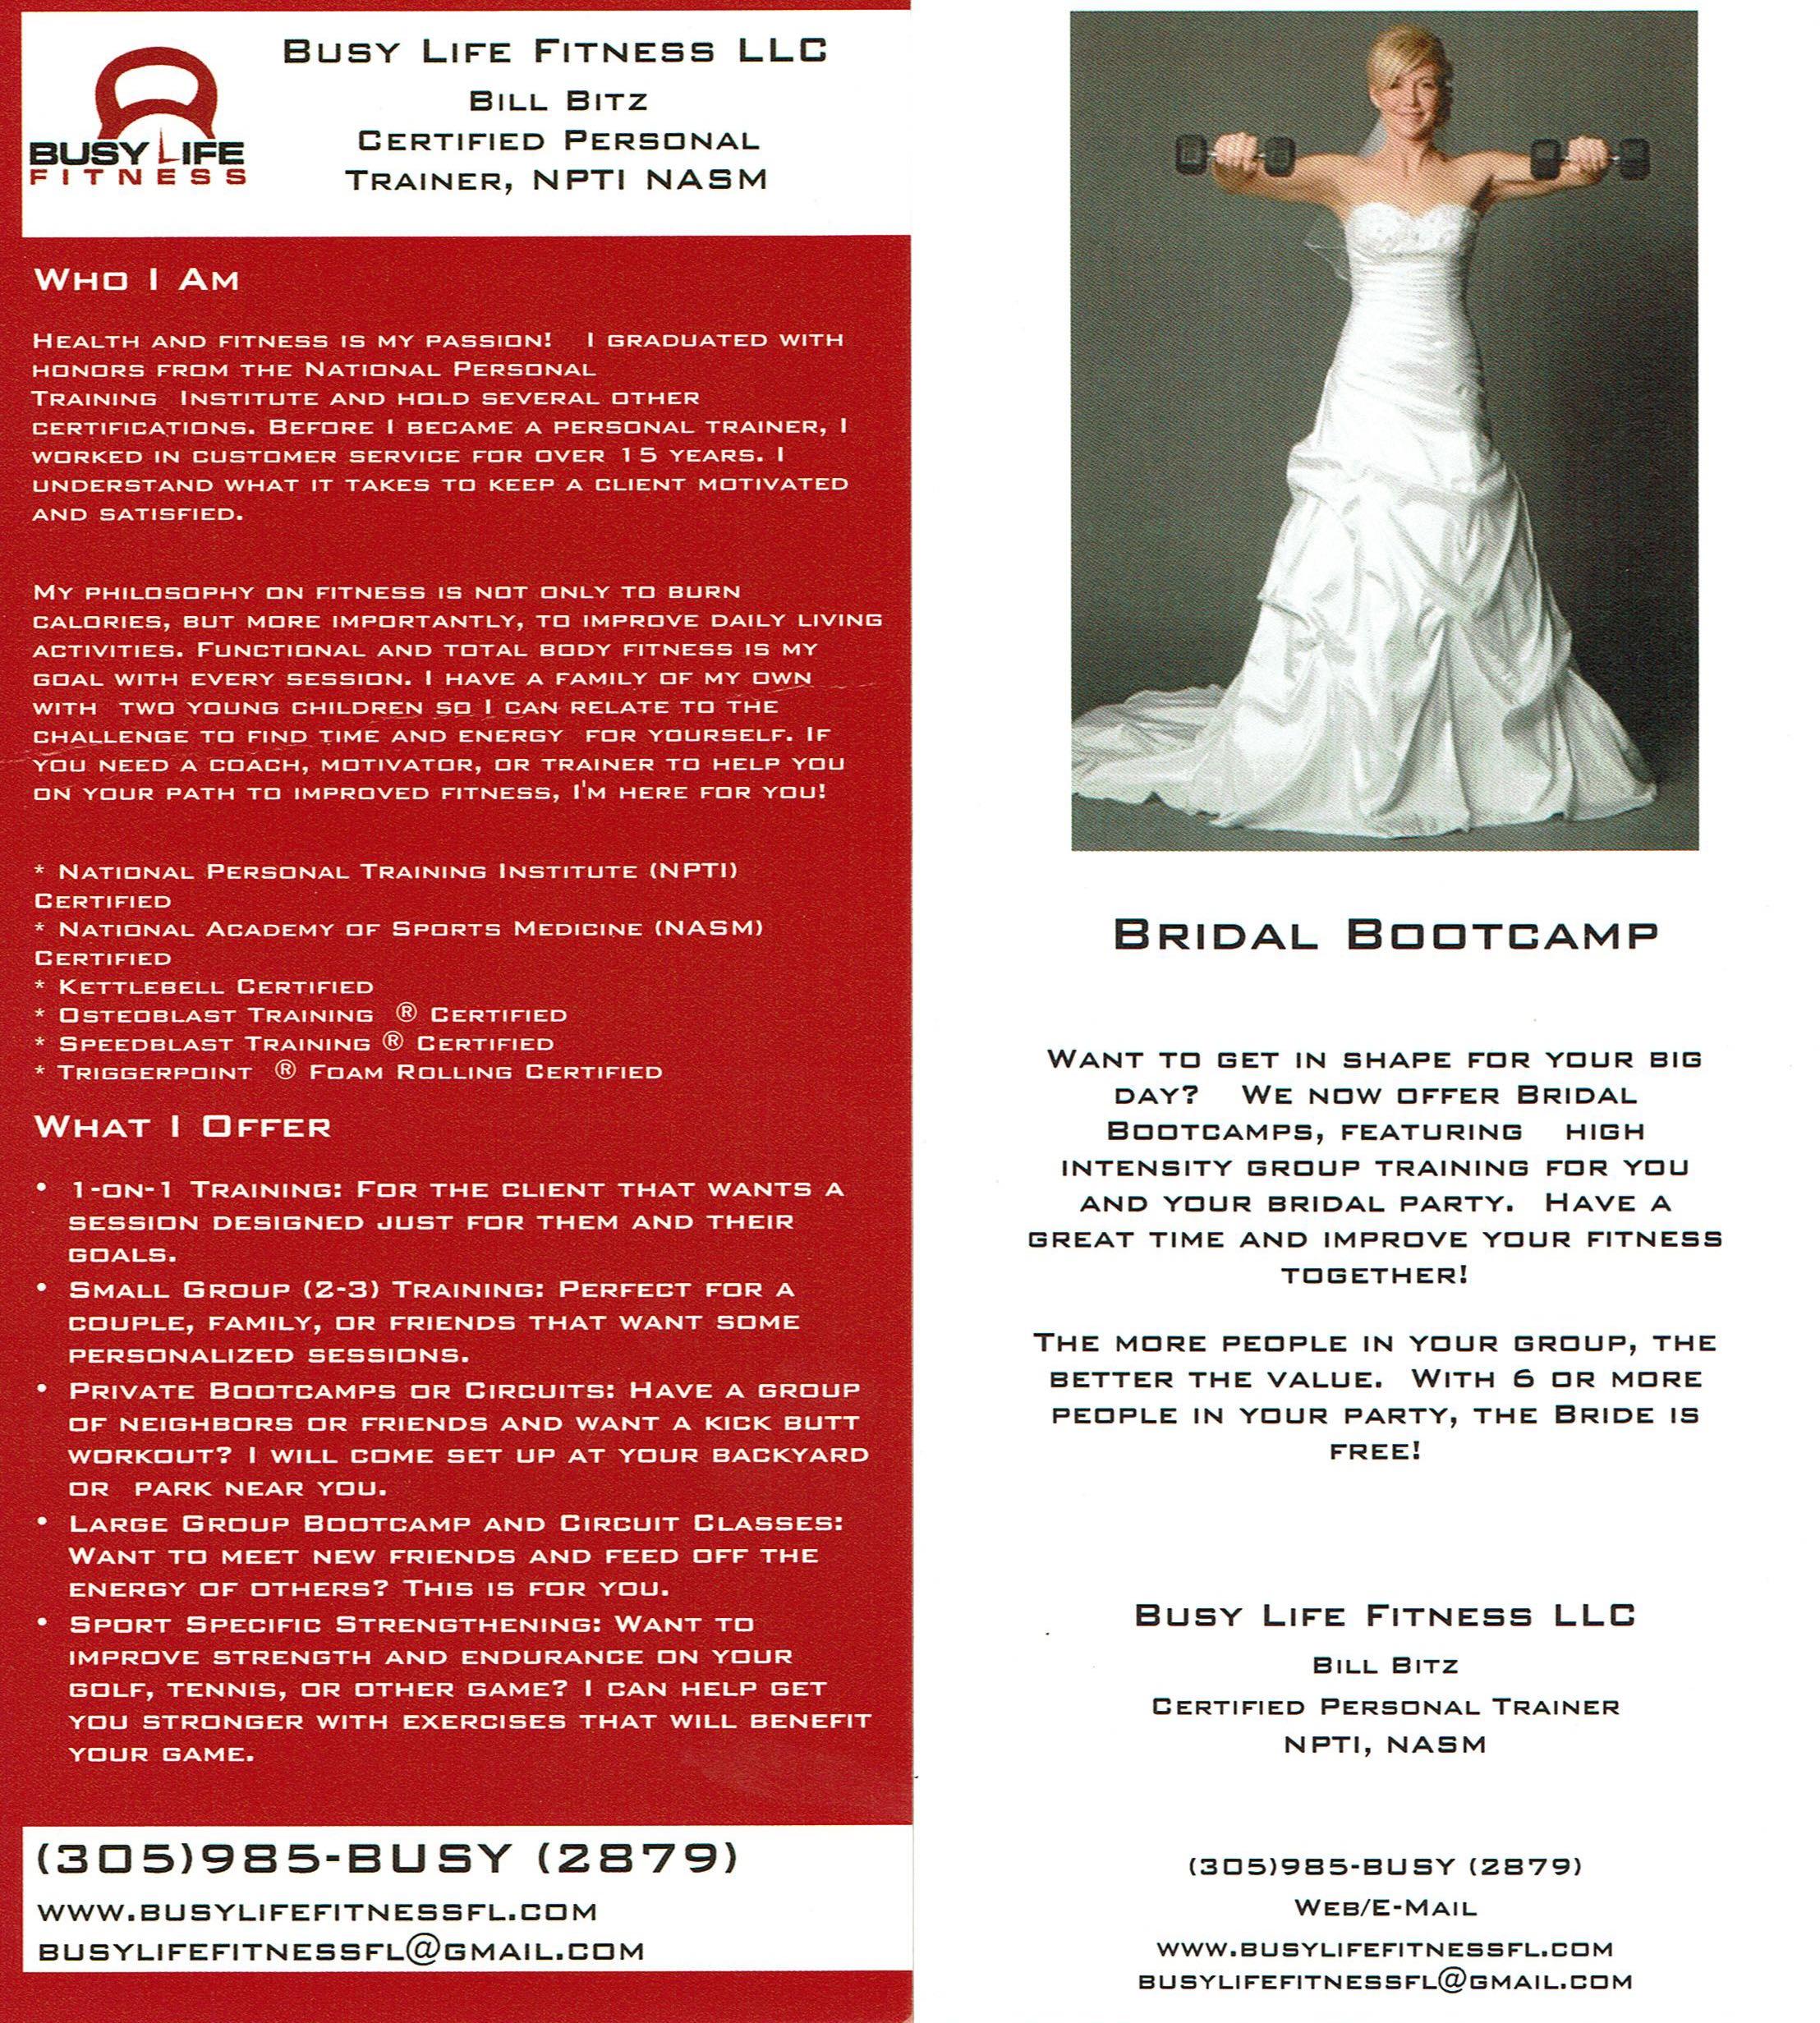 BLF Bridal Bootcamp